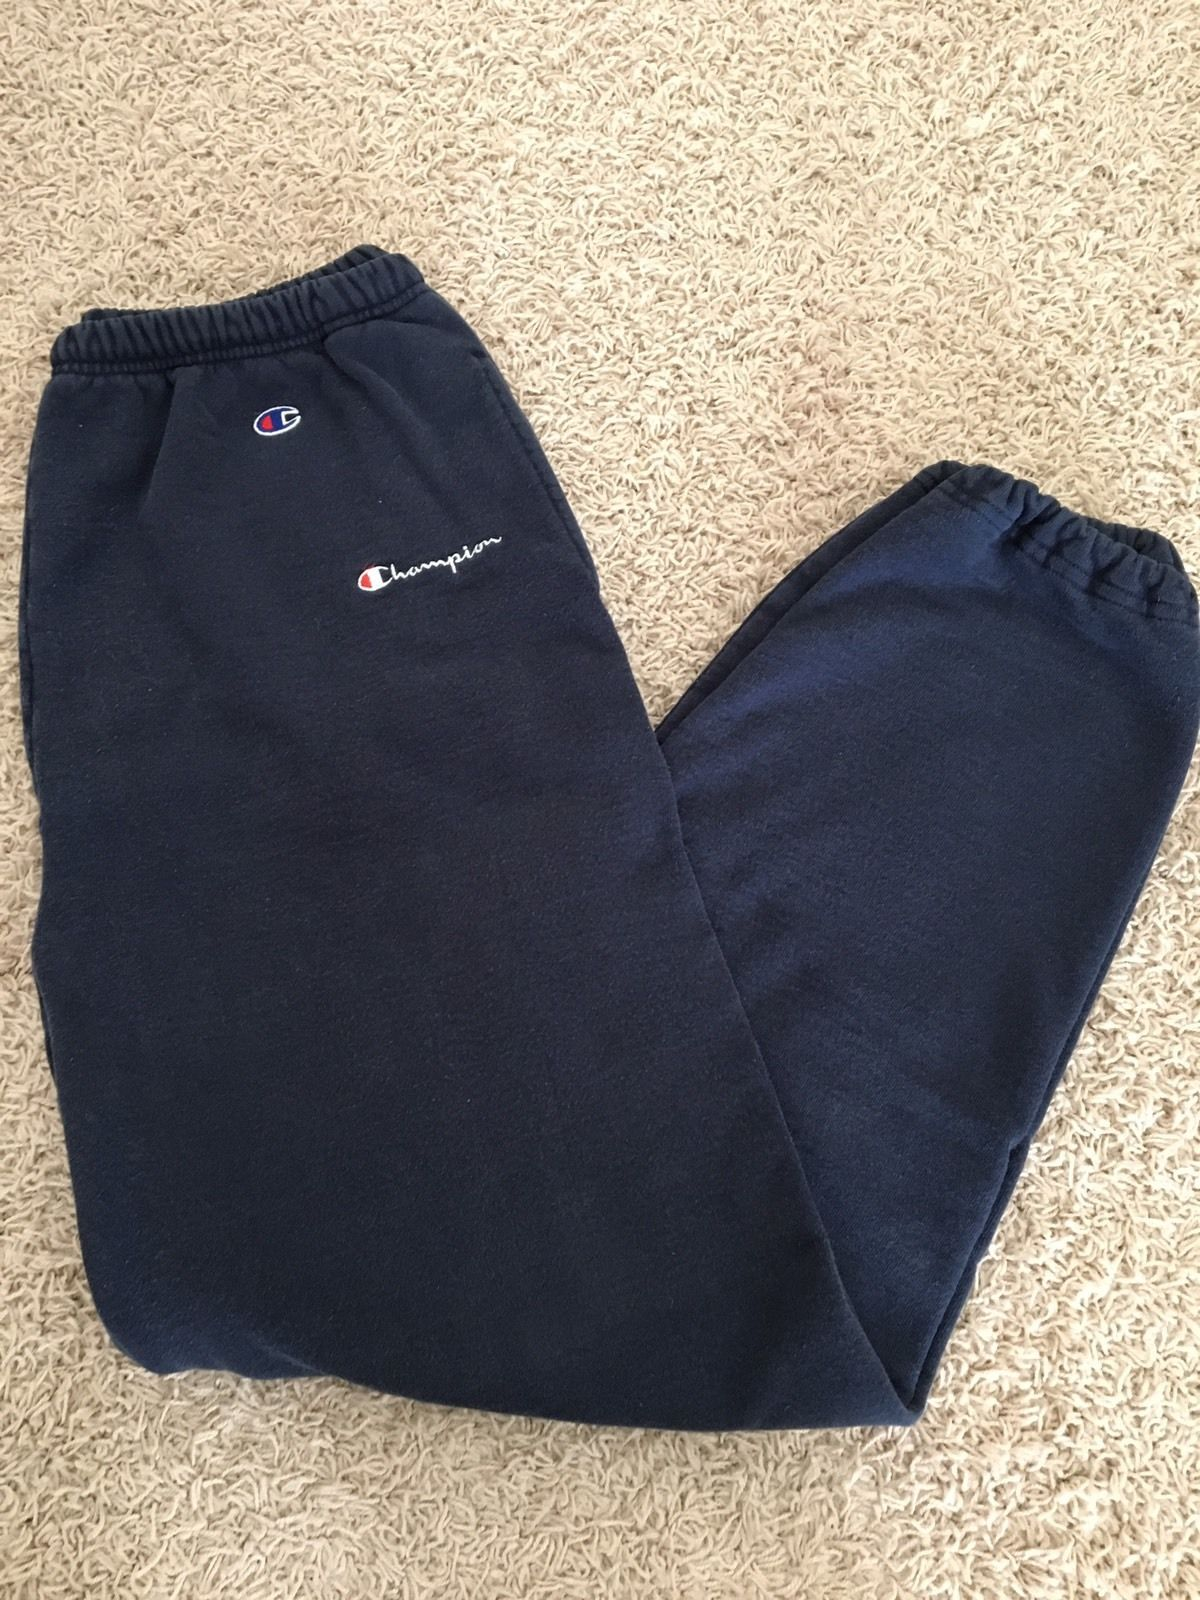 cf722e7d Vintage Champion Sweatpants Sz Large Navy Blue   Common Shopping ...